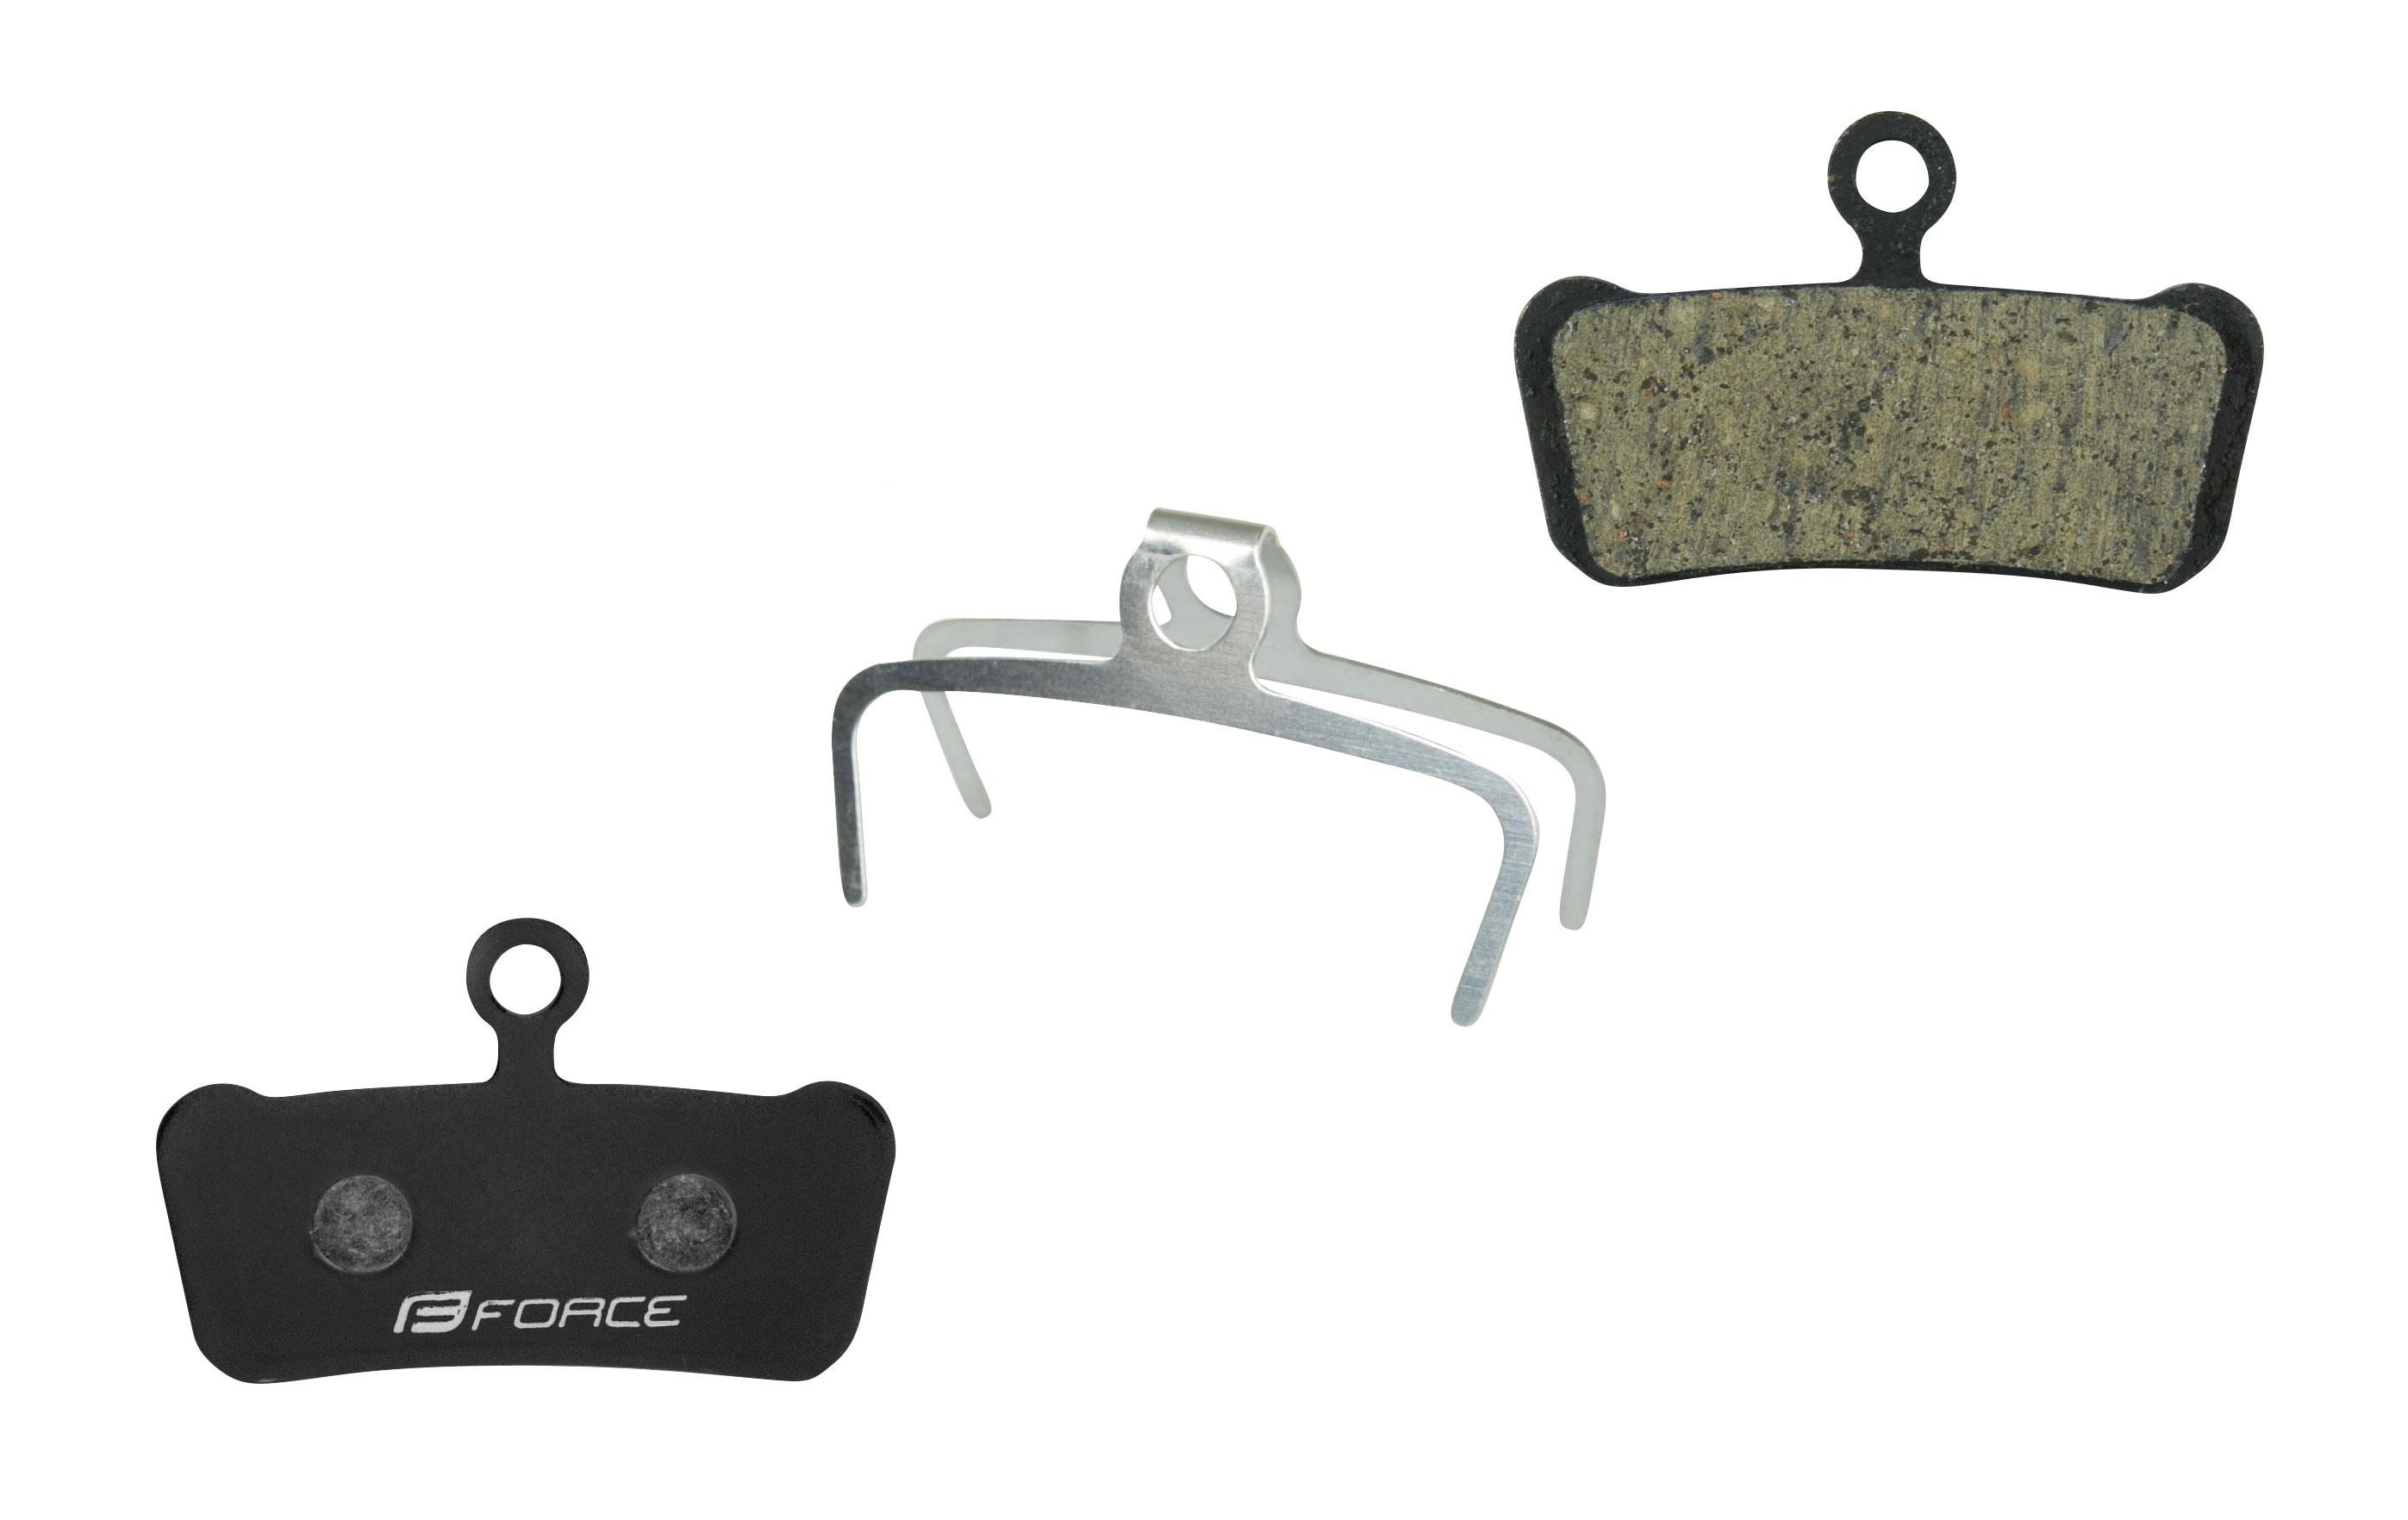 Destičky brzdové FORCE AVID Trail E-Bike polymer určení: pro SRAM/AVID, materiál: polymer-ebike, chladič: ne